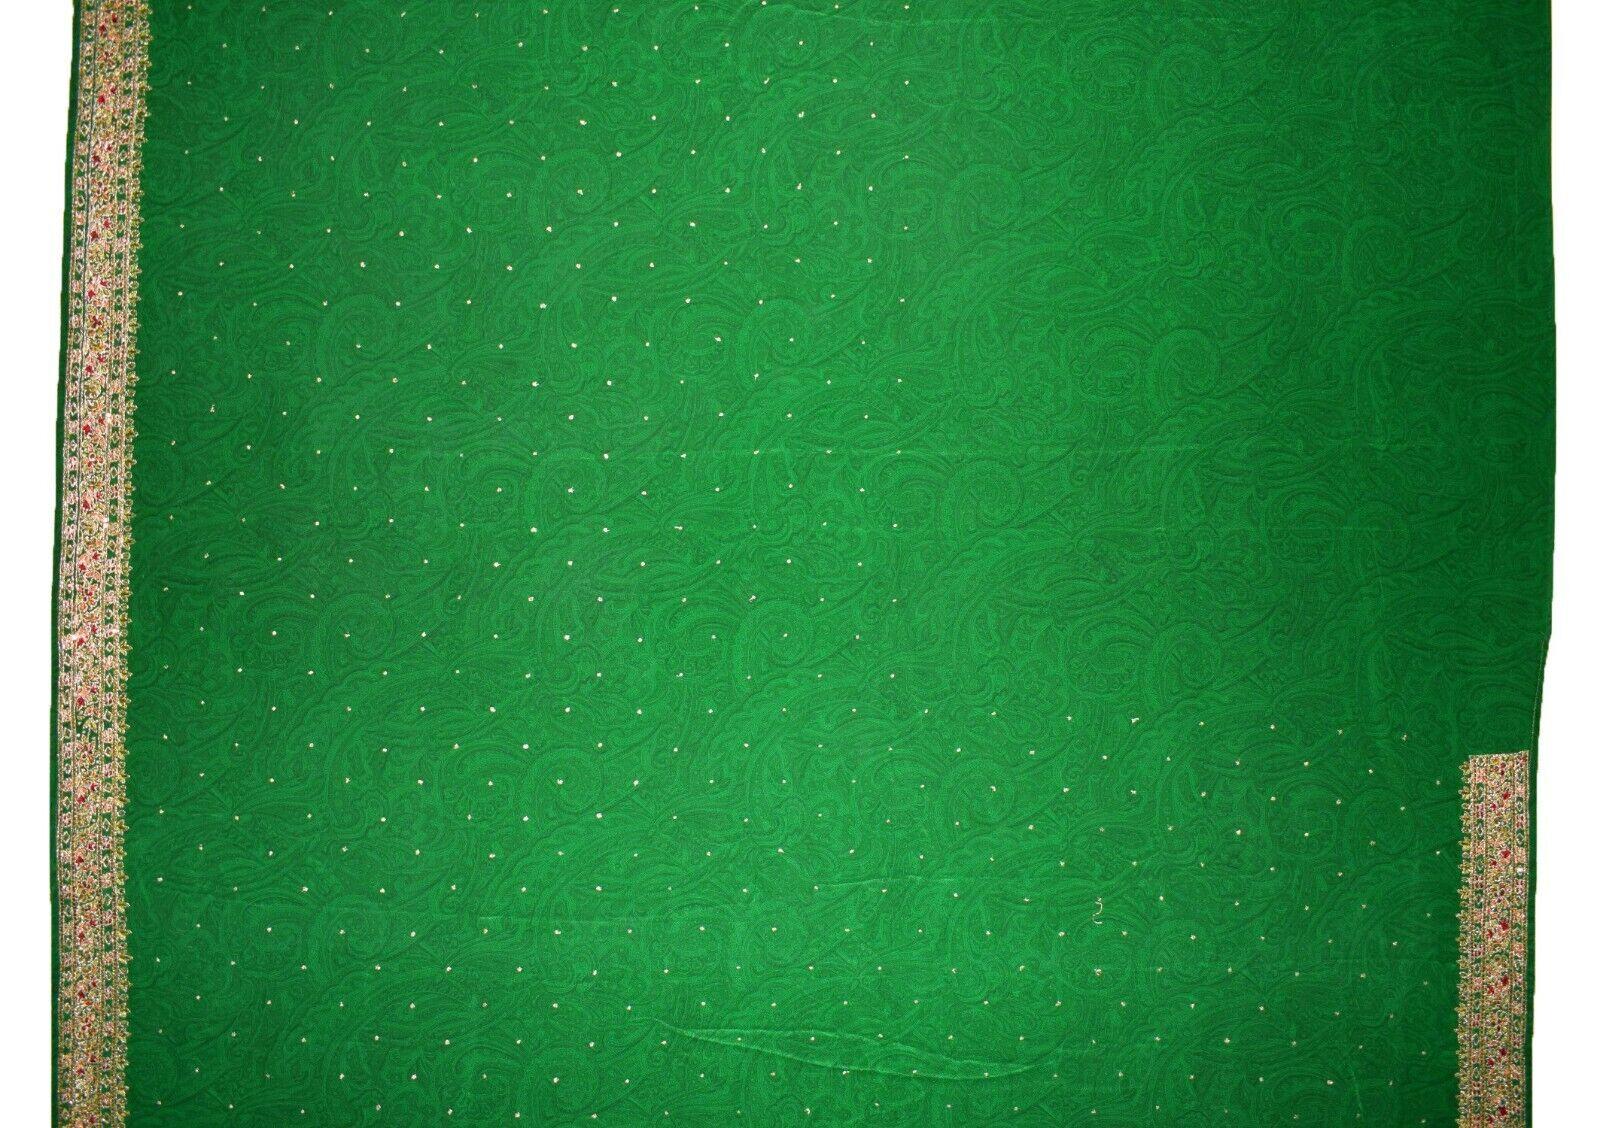 INDIAN DESIGNER VERY FAMOUS BRAND RITU KUMAR SARE… - image 4